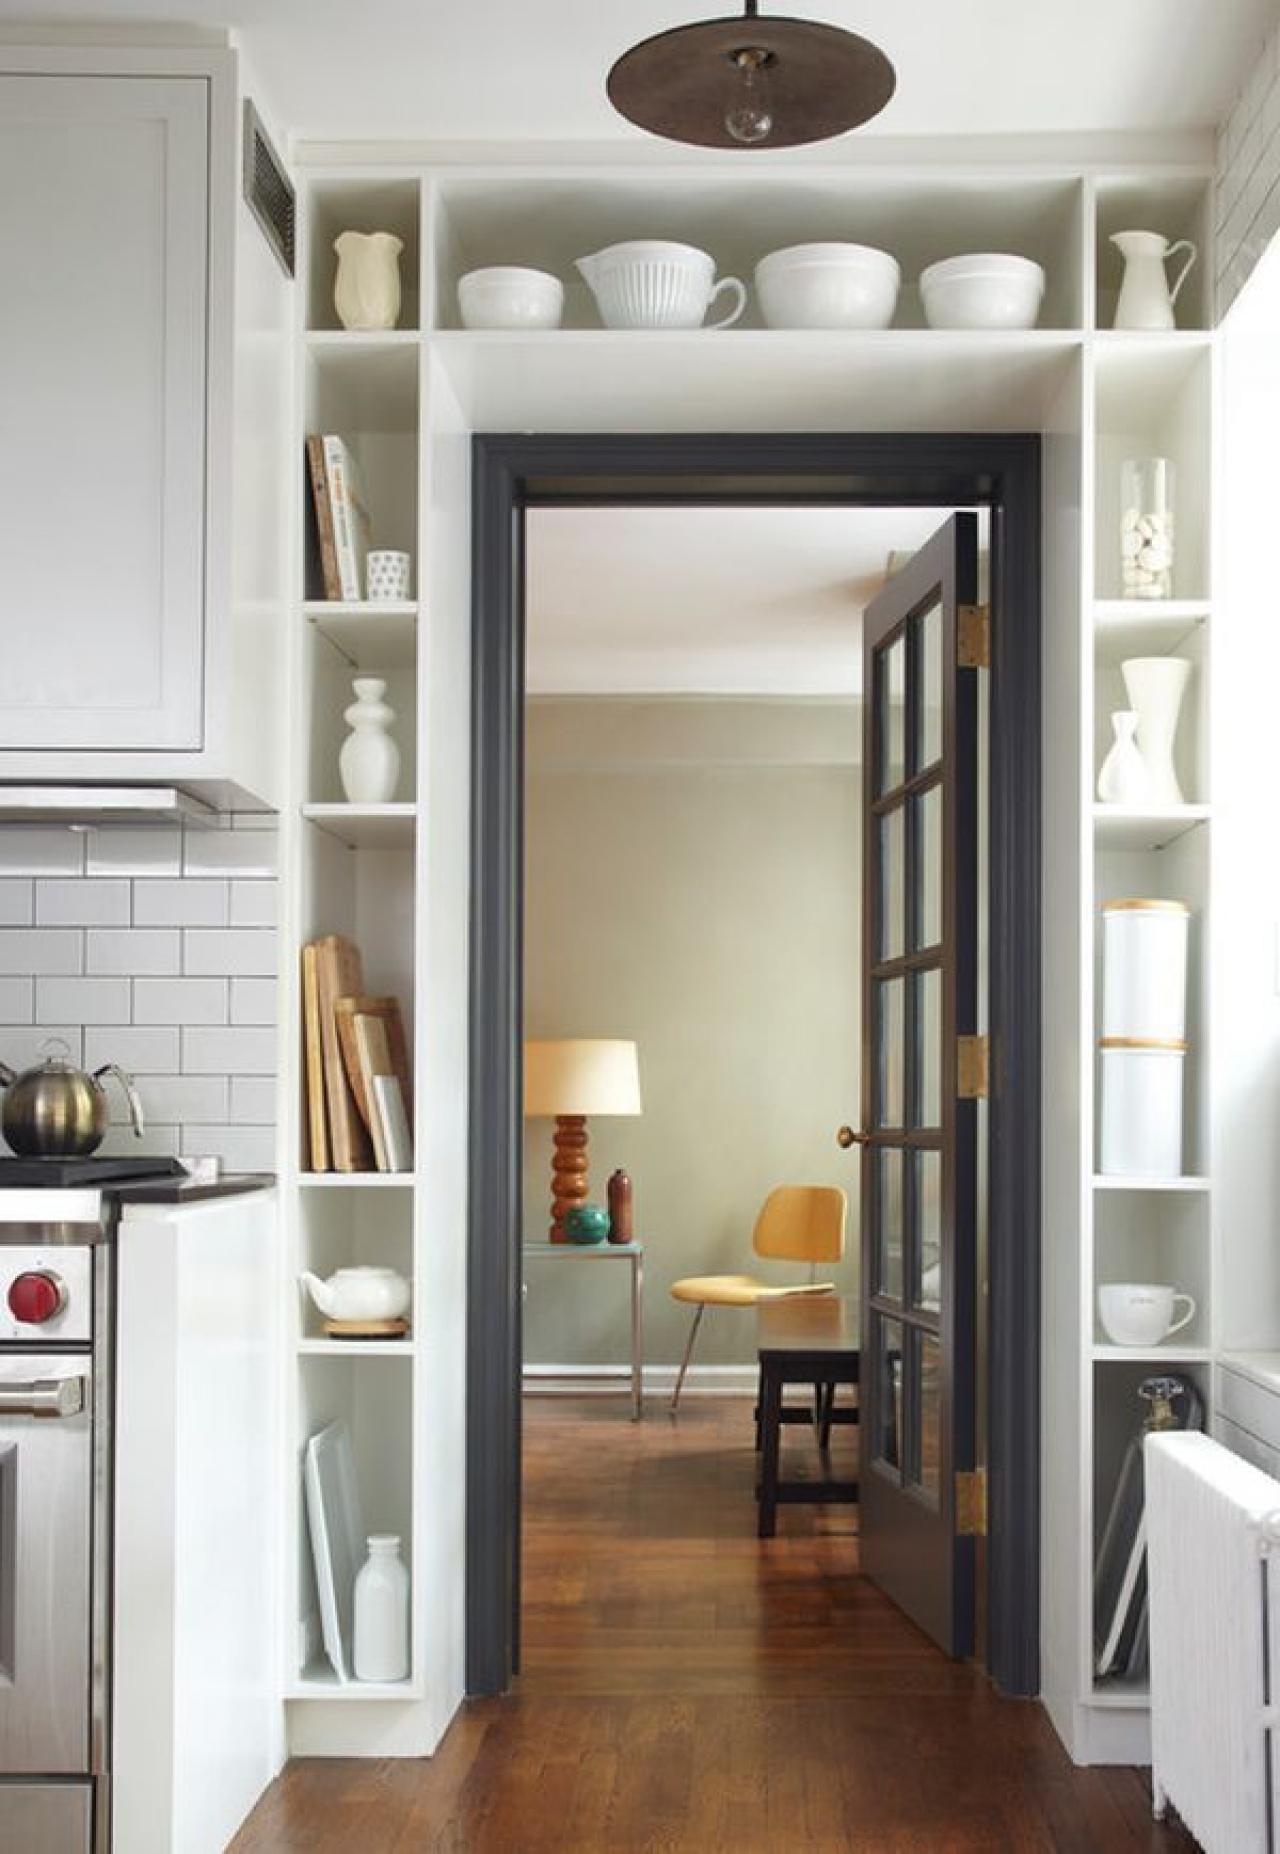 Storage around doorway